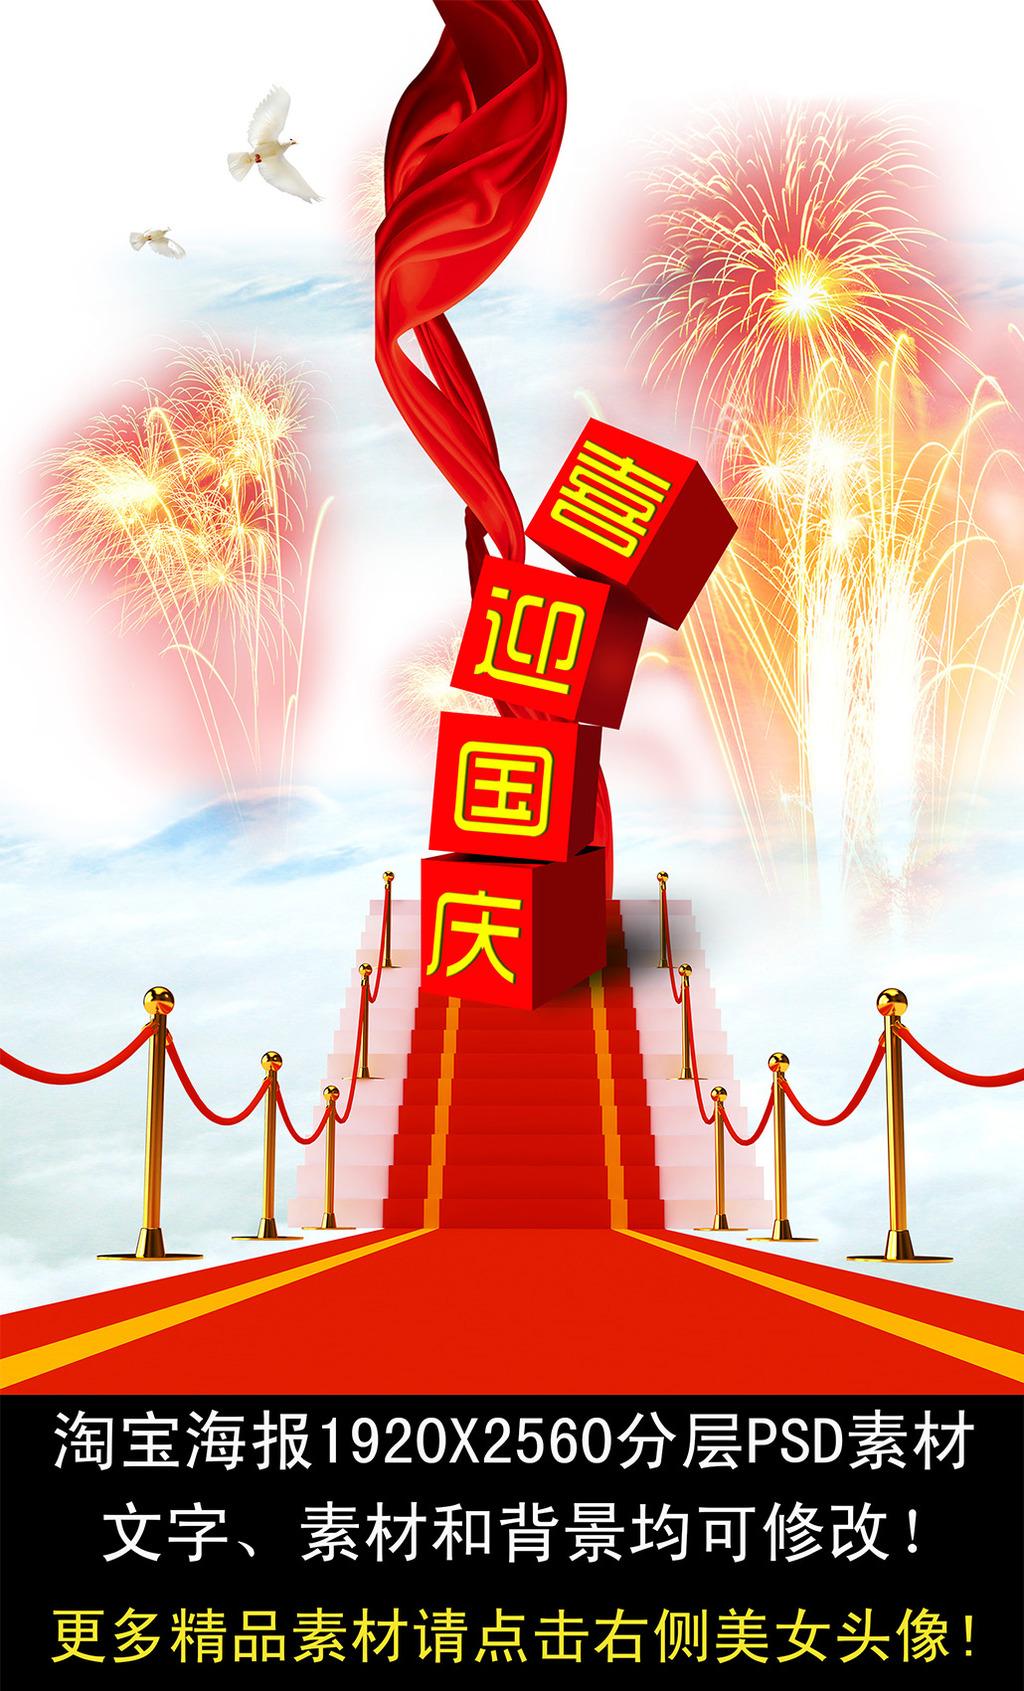 淘宝喜迎国庆节海报素材